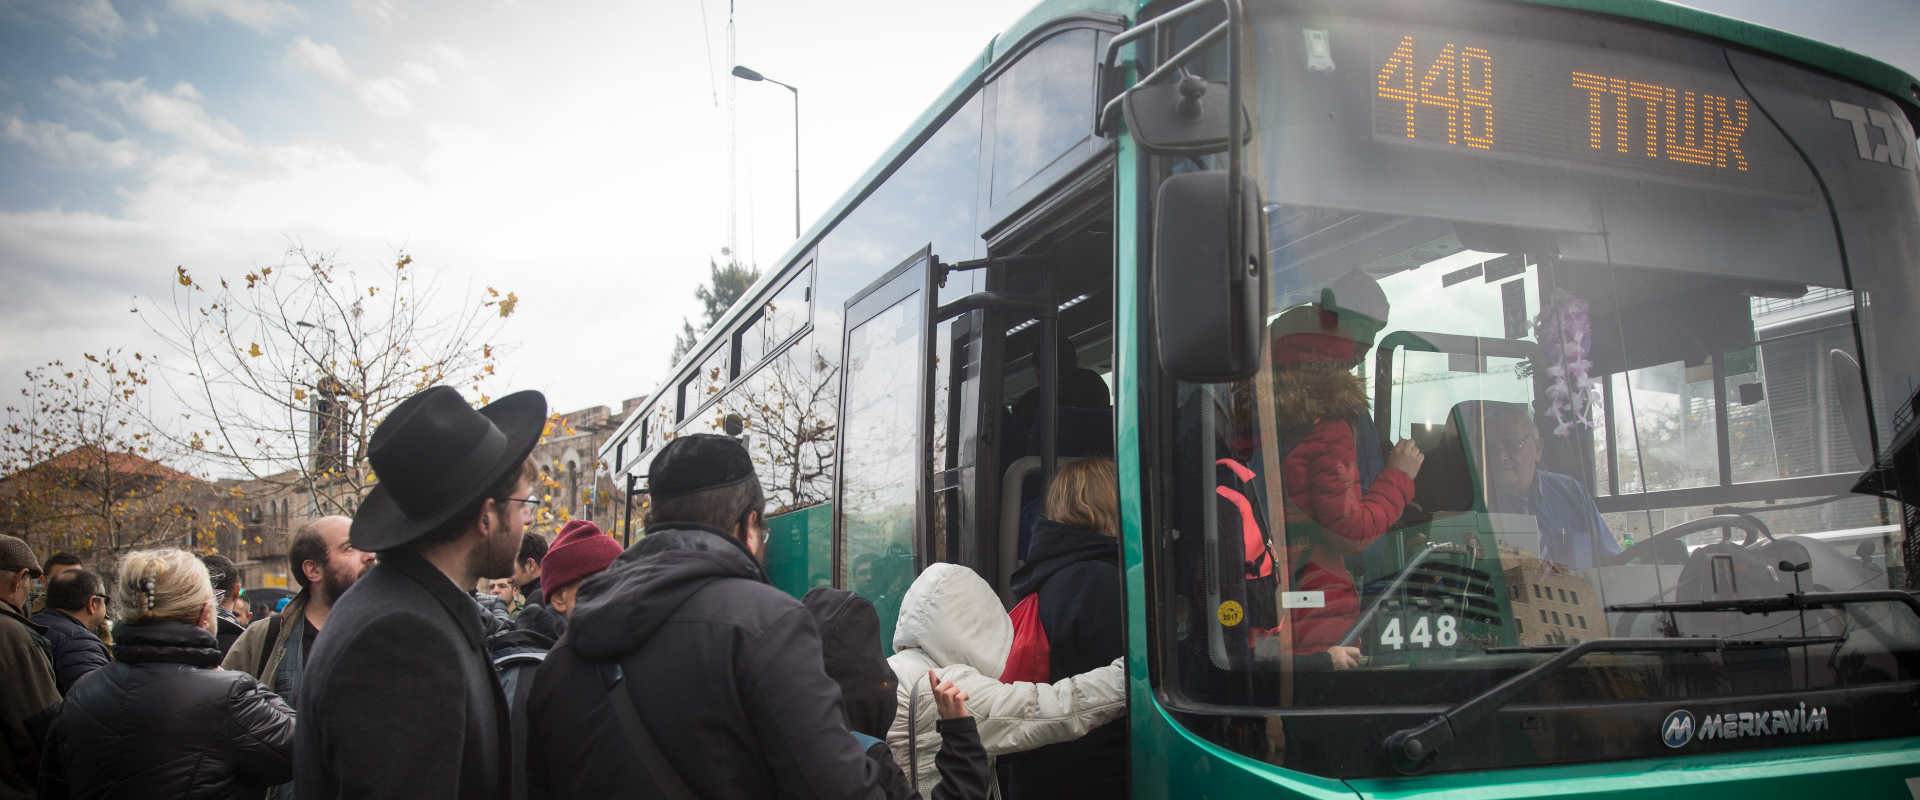 אוטובוס של חברת אגד